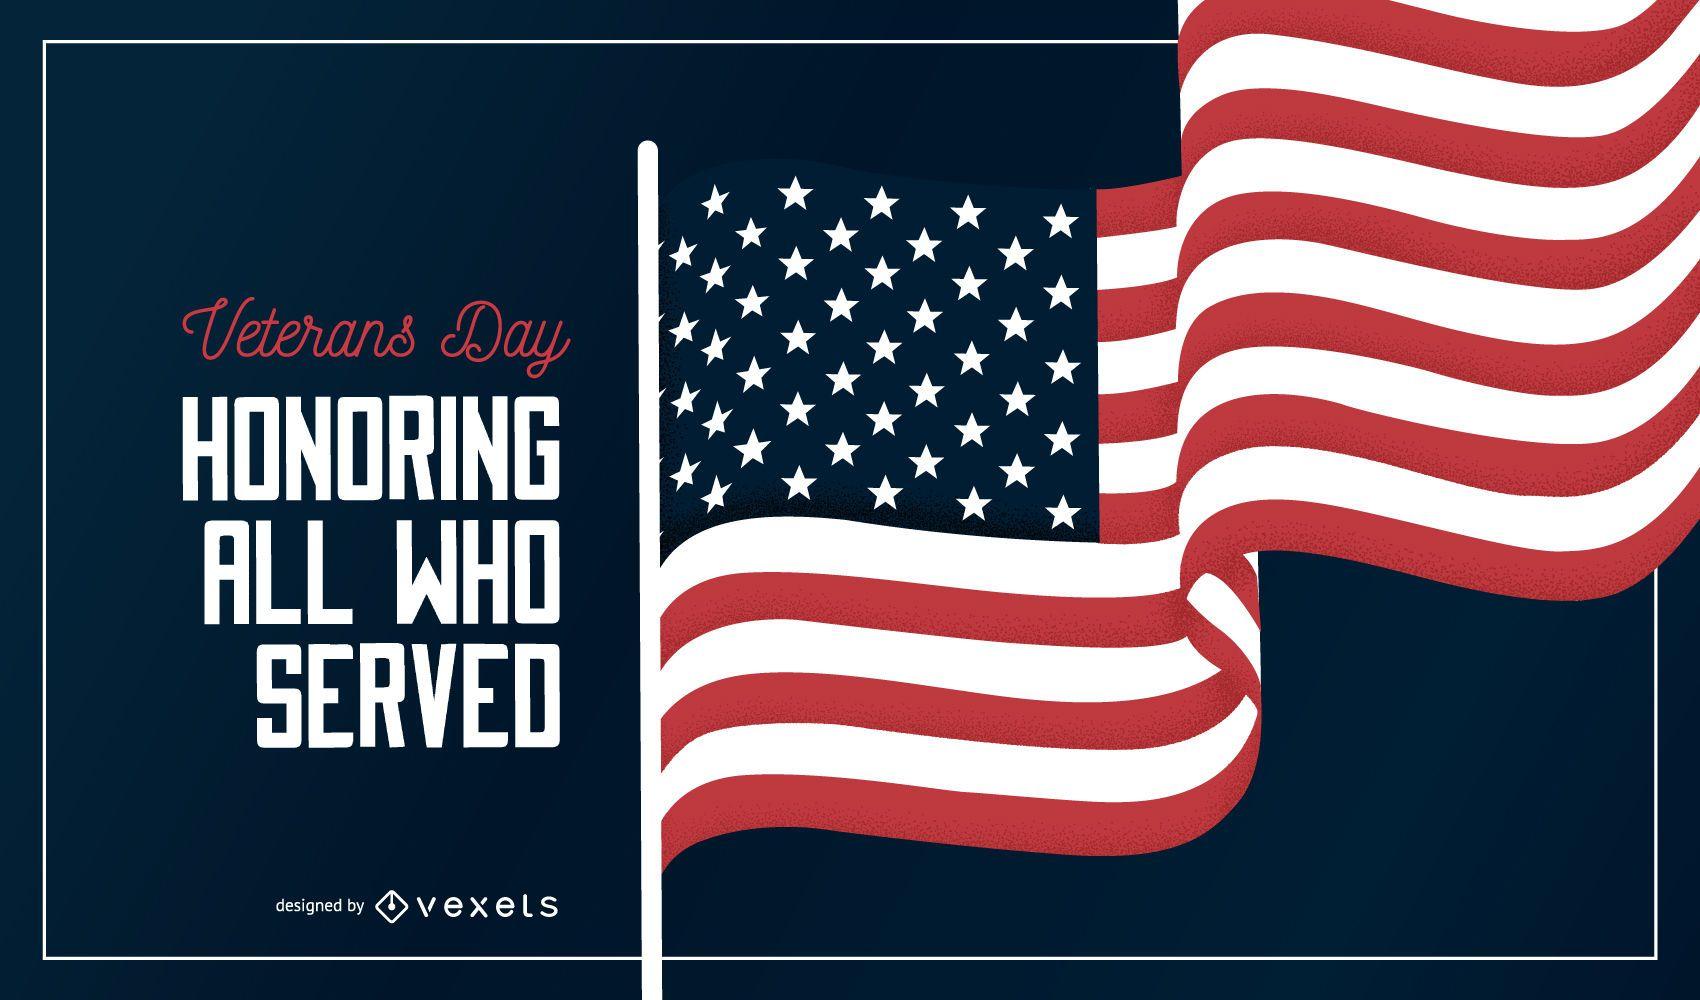 Veterans day flag banner design